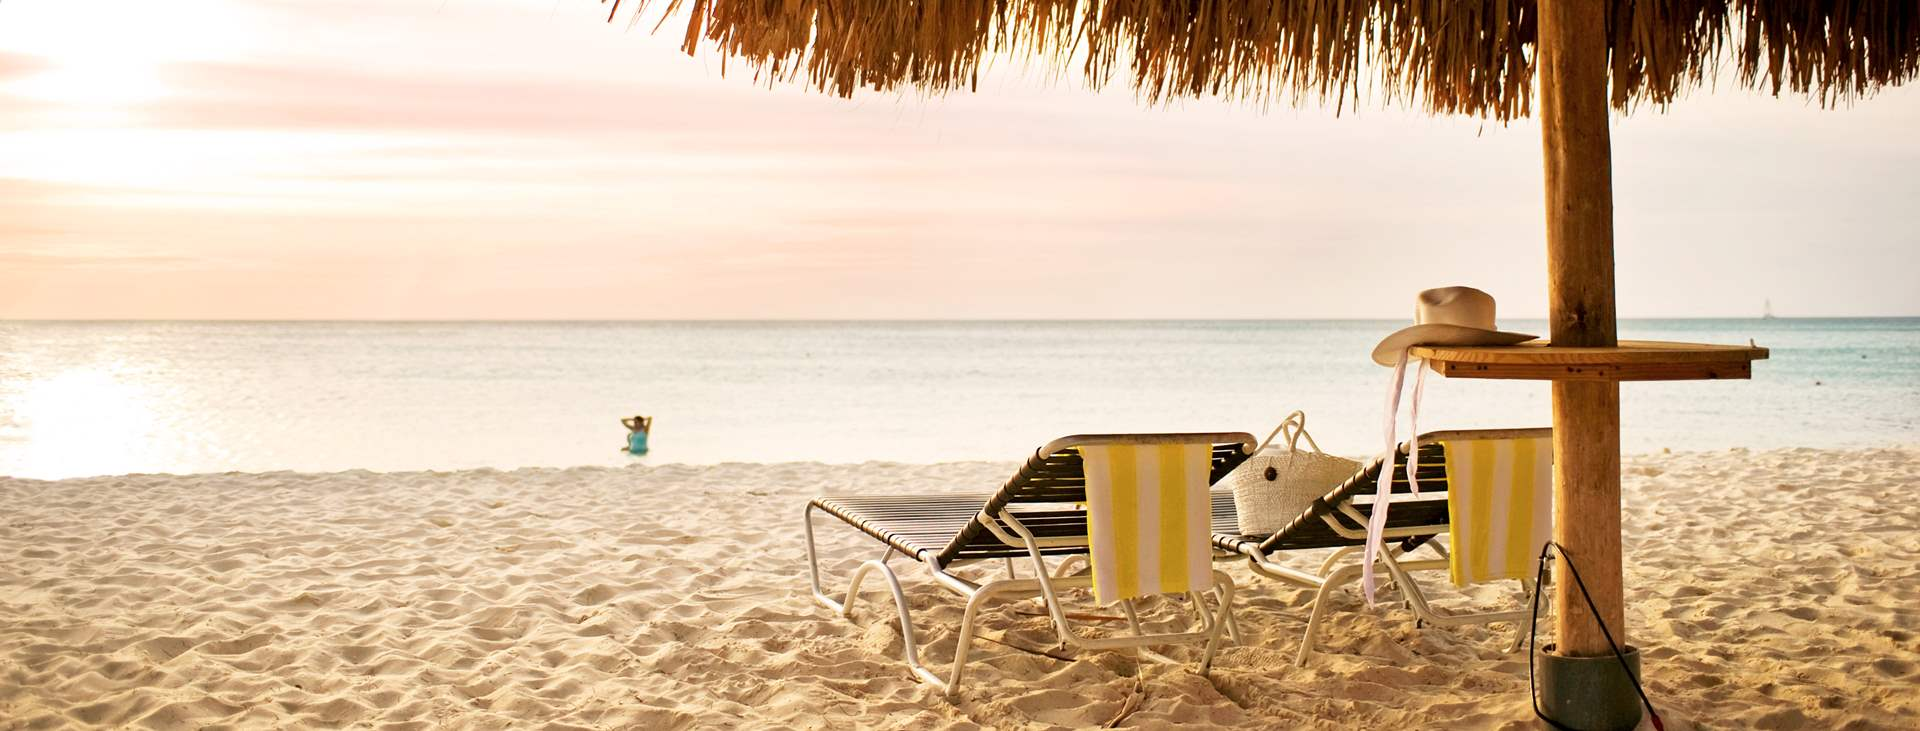 Bestill en reise med All Inclusive til Aruba